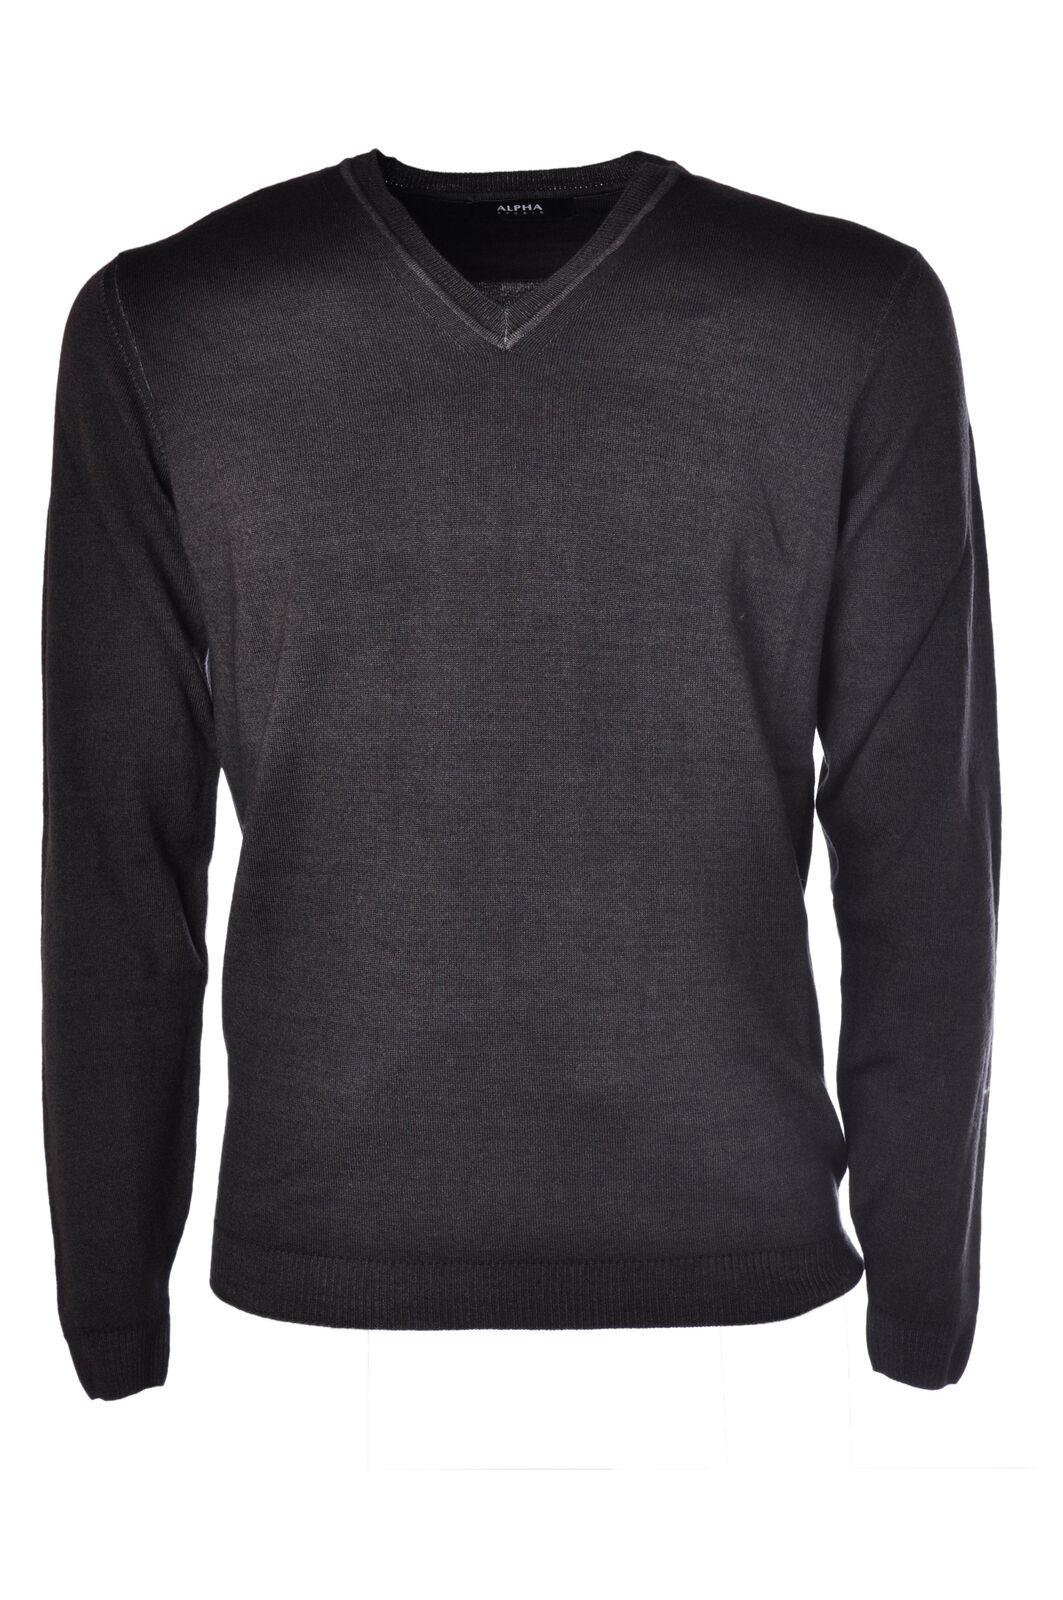 Alpha - Knitwear-Sweaters - Man - Grey - 482315C183833